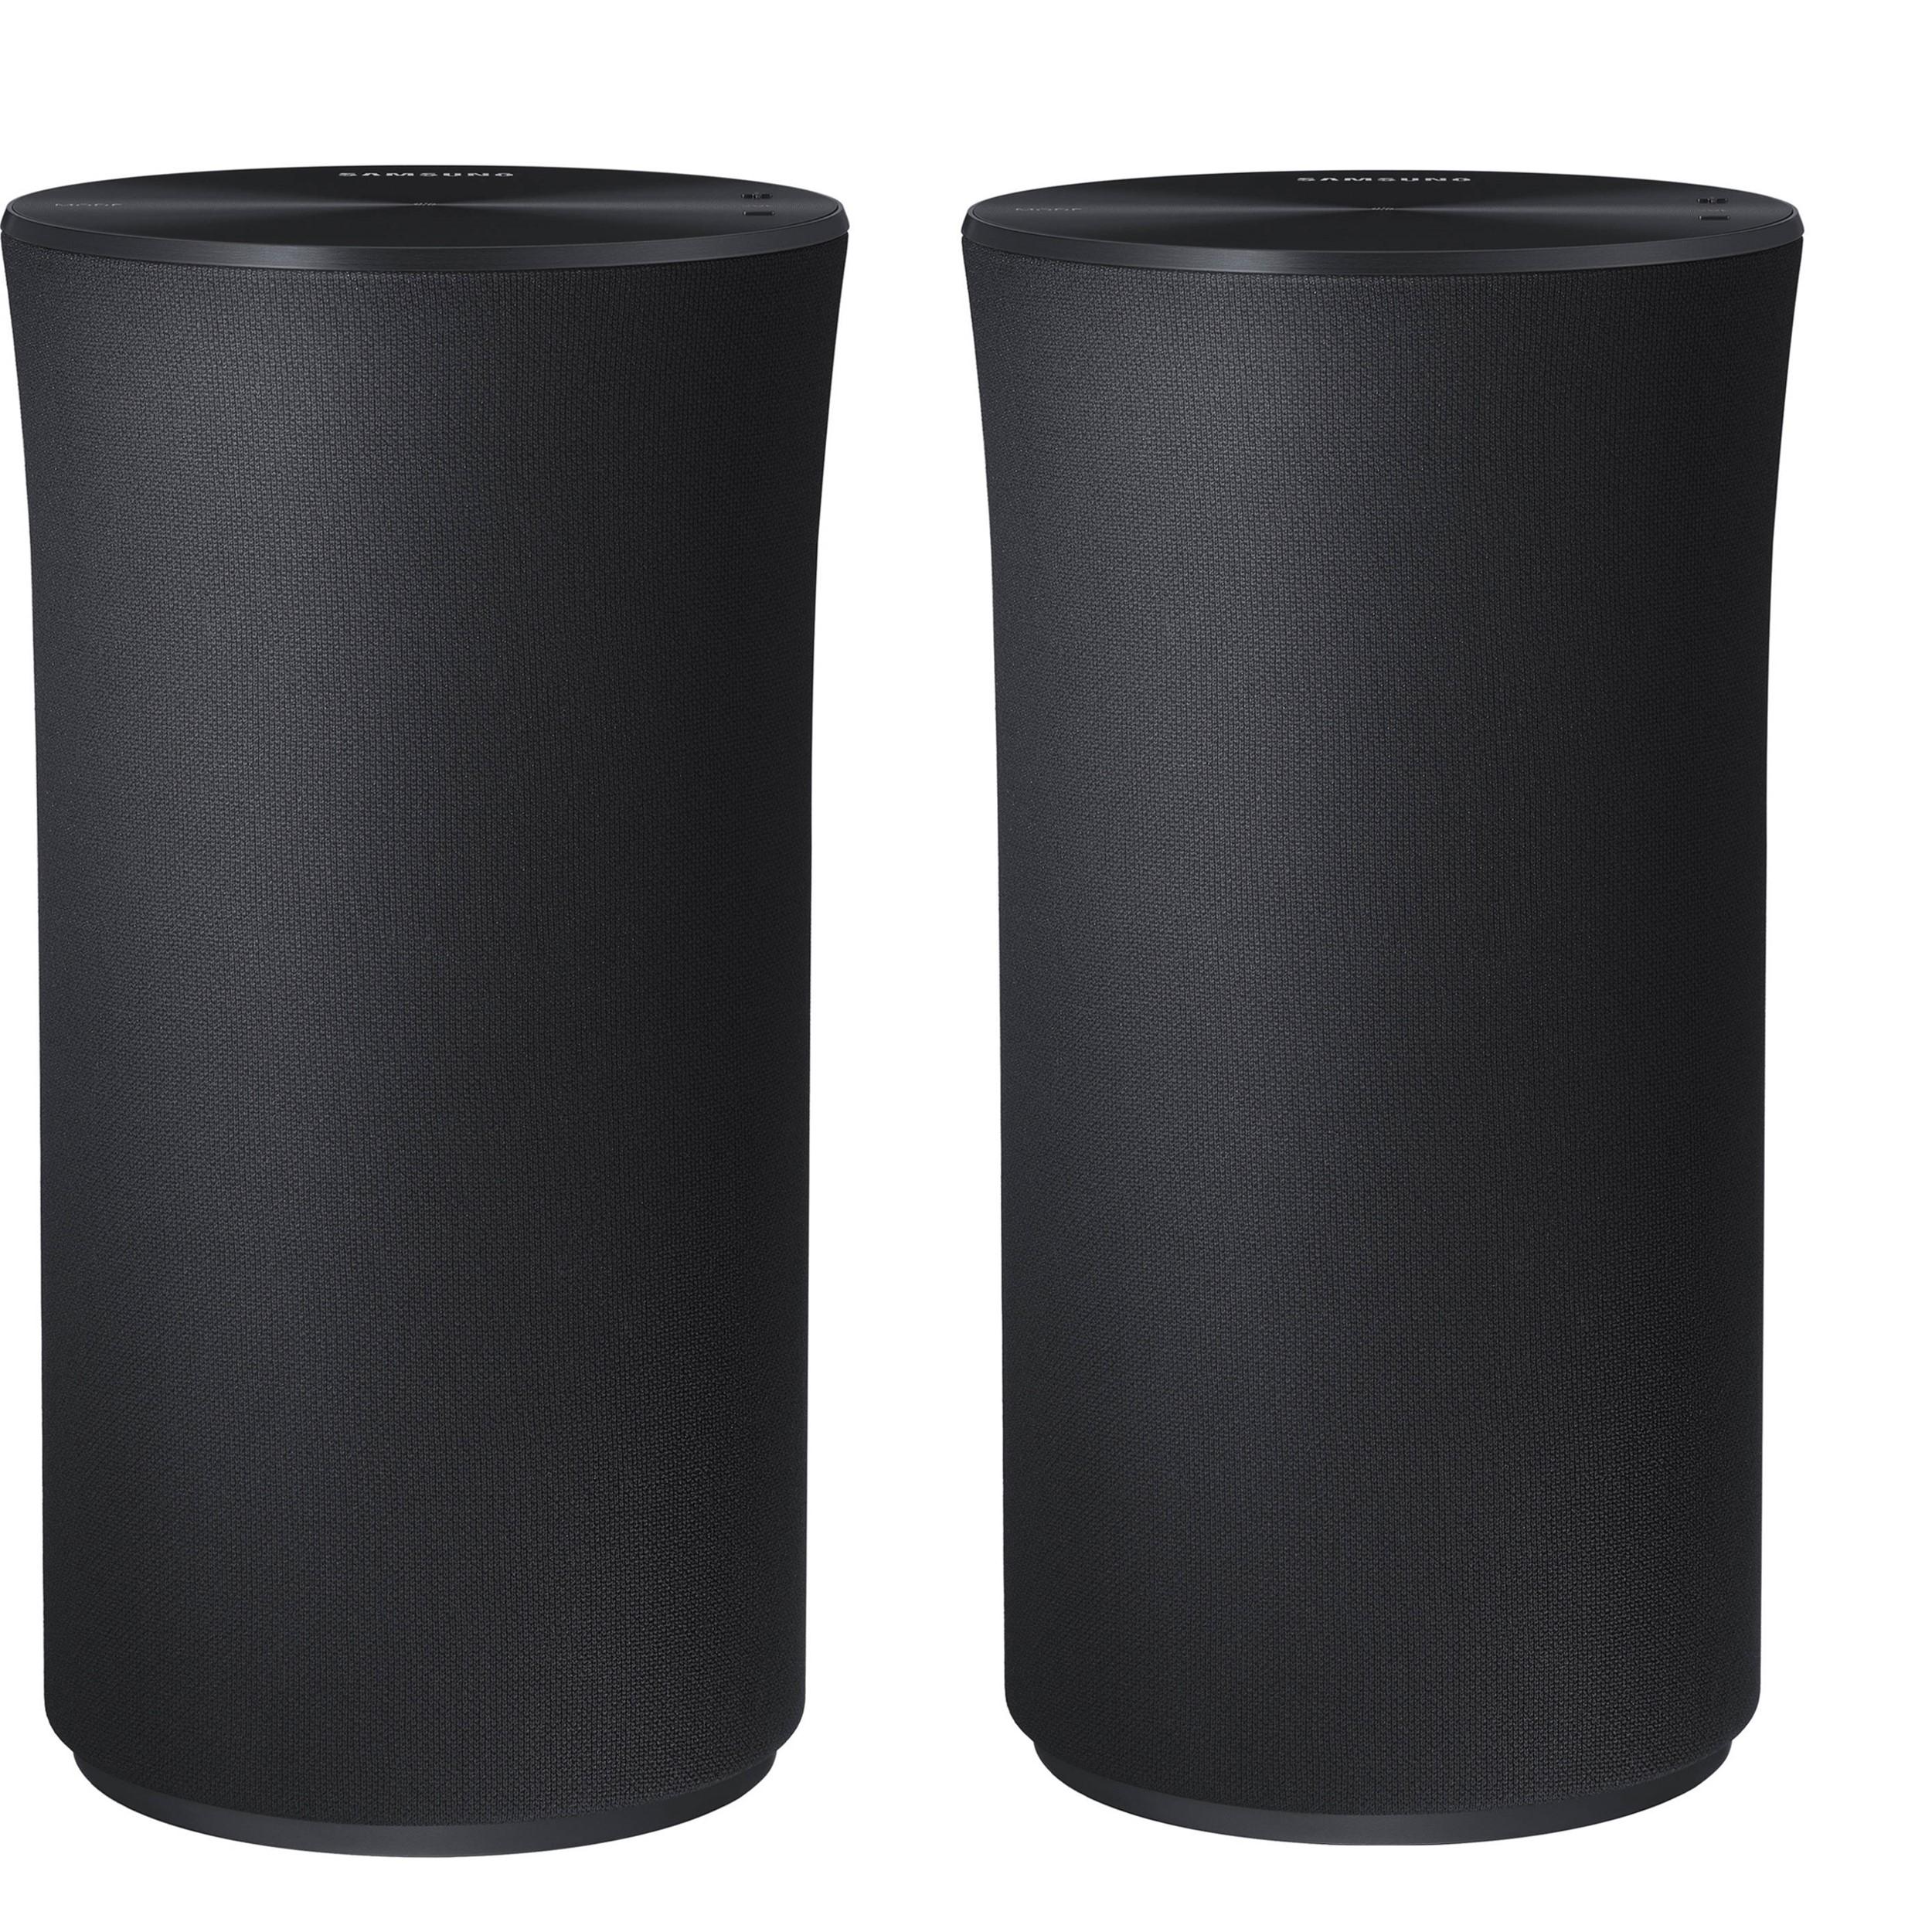 2 x SAMSUNG R1 360° Wireless Smart Sound Multi-Room Speakers - Black + Free 6 Months Deezer Premium - £99 @ Samsung